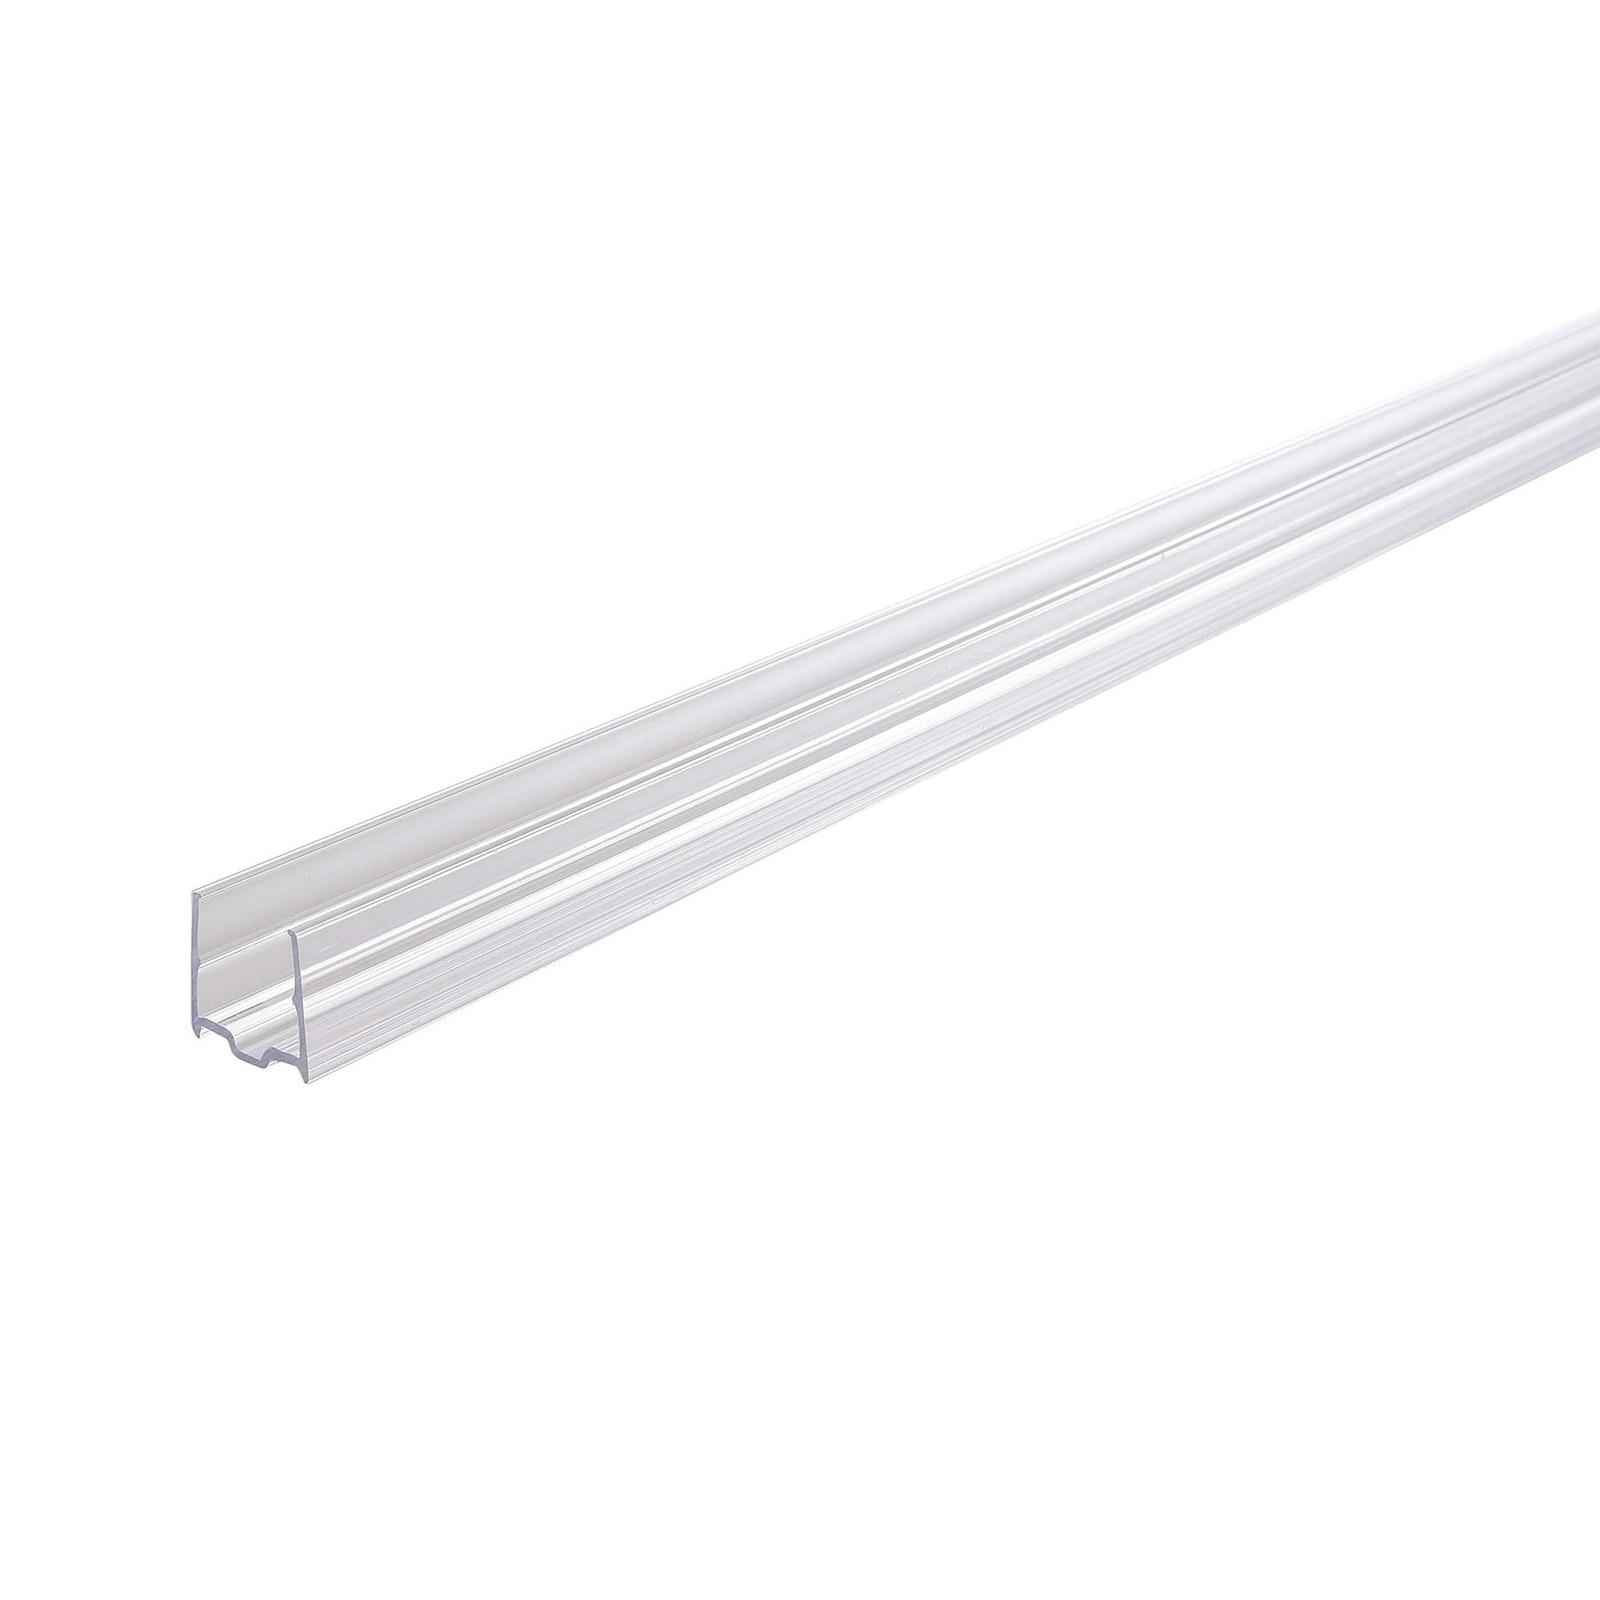 Kunststoffprofil D Flex Line Top View LED-Strip 1m